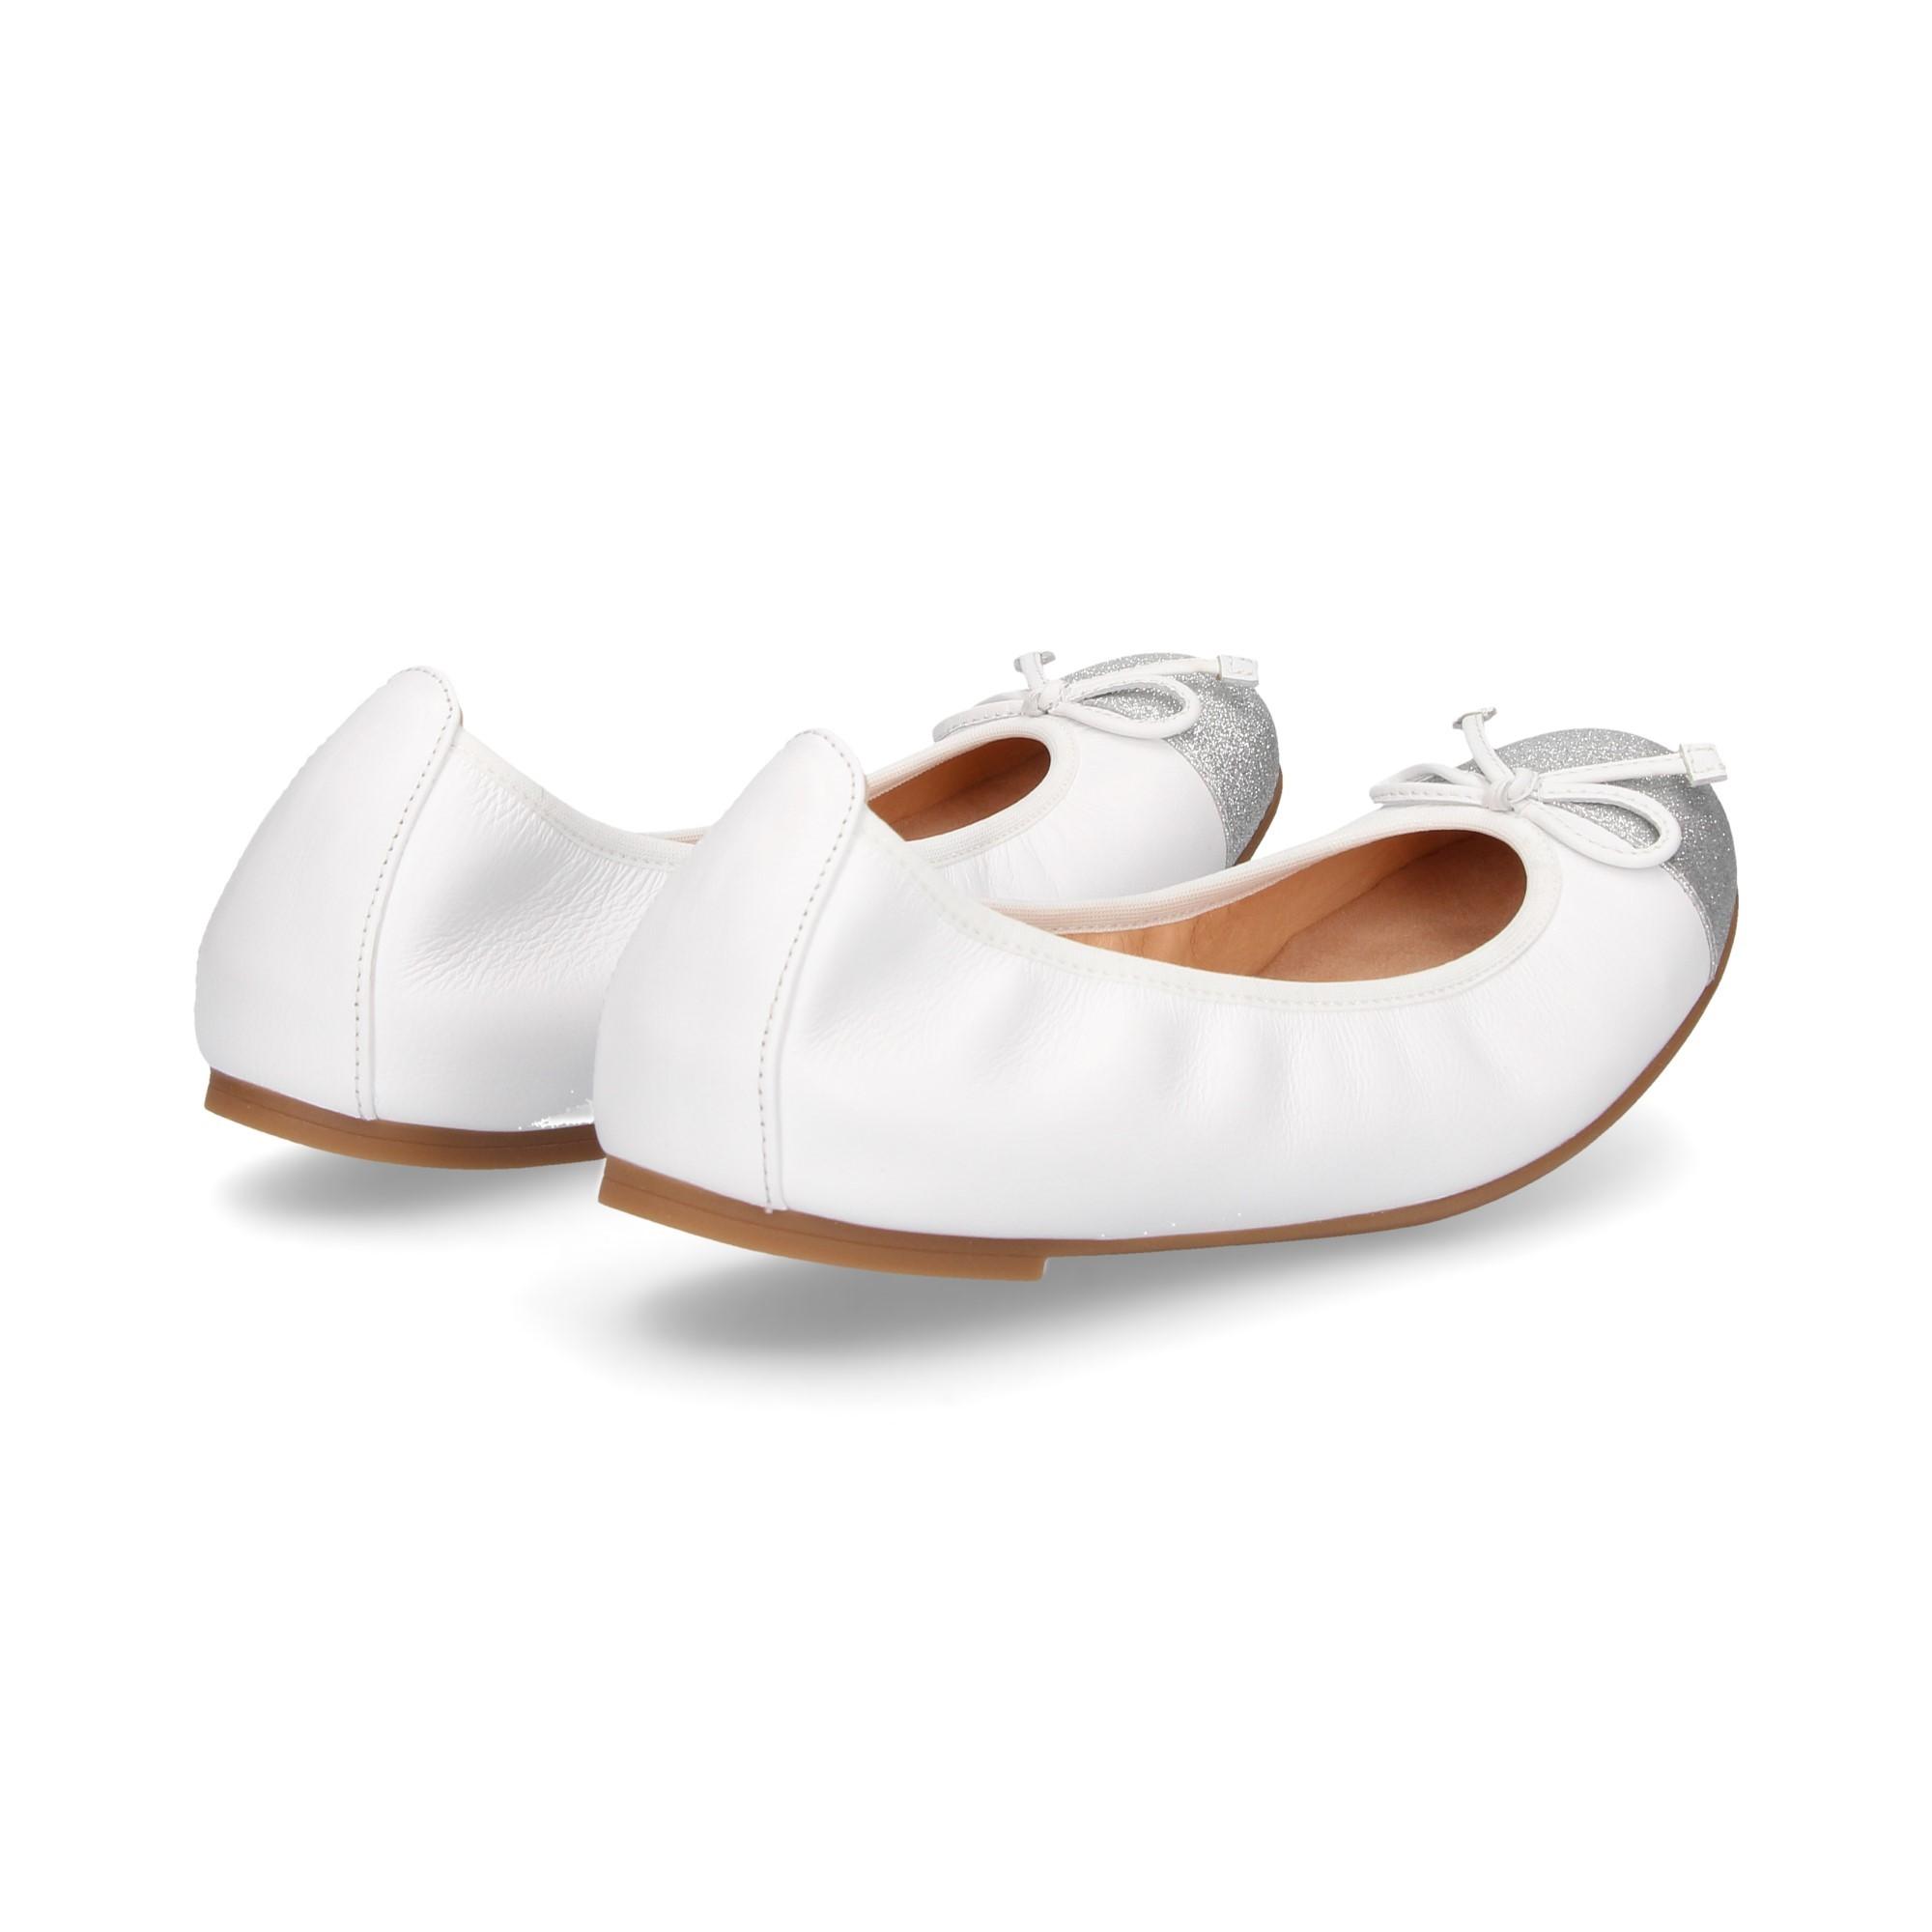 bailarina-lazo-puntera-glitt-piel-blanco